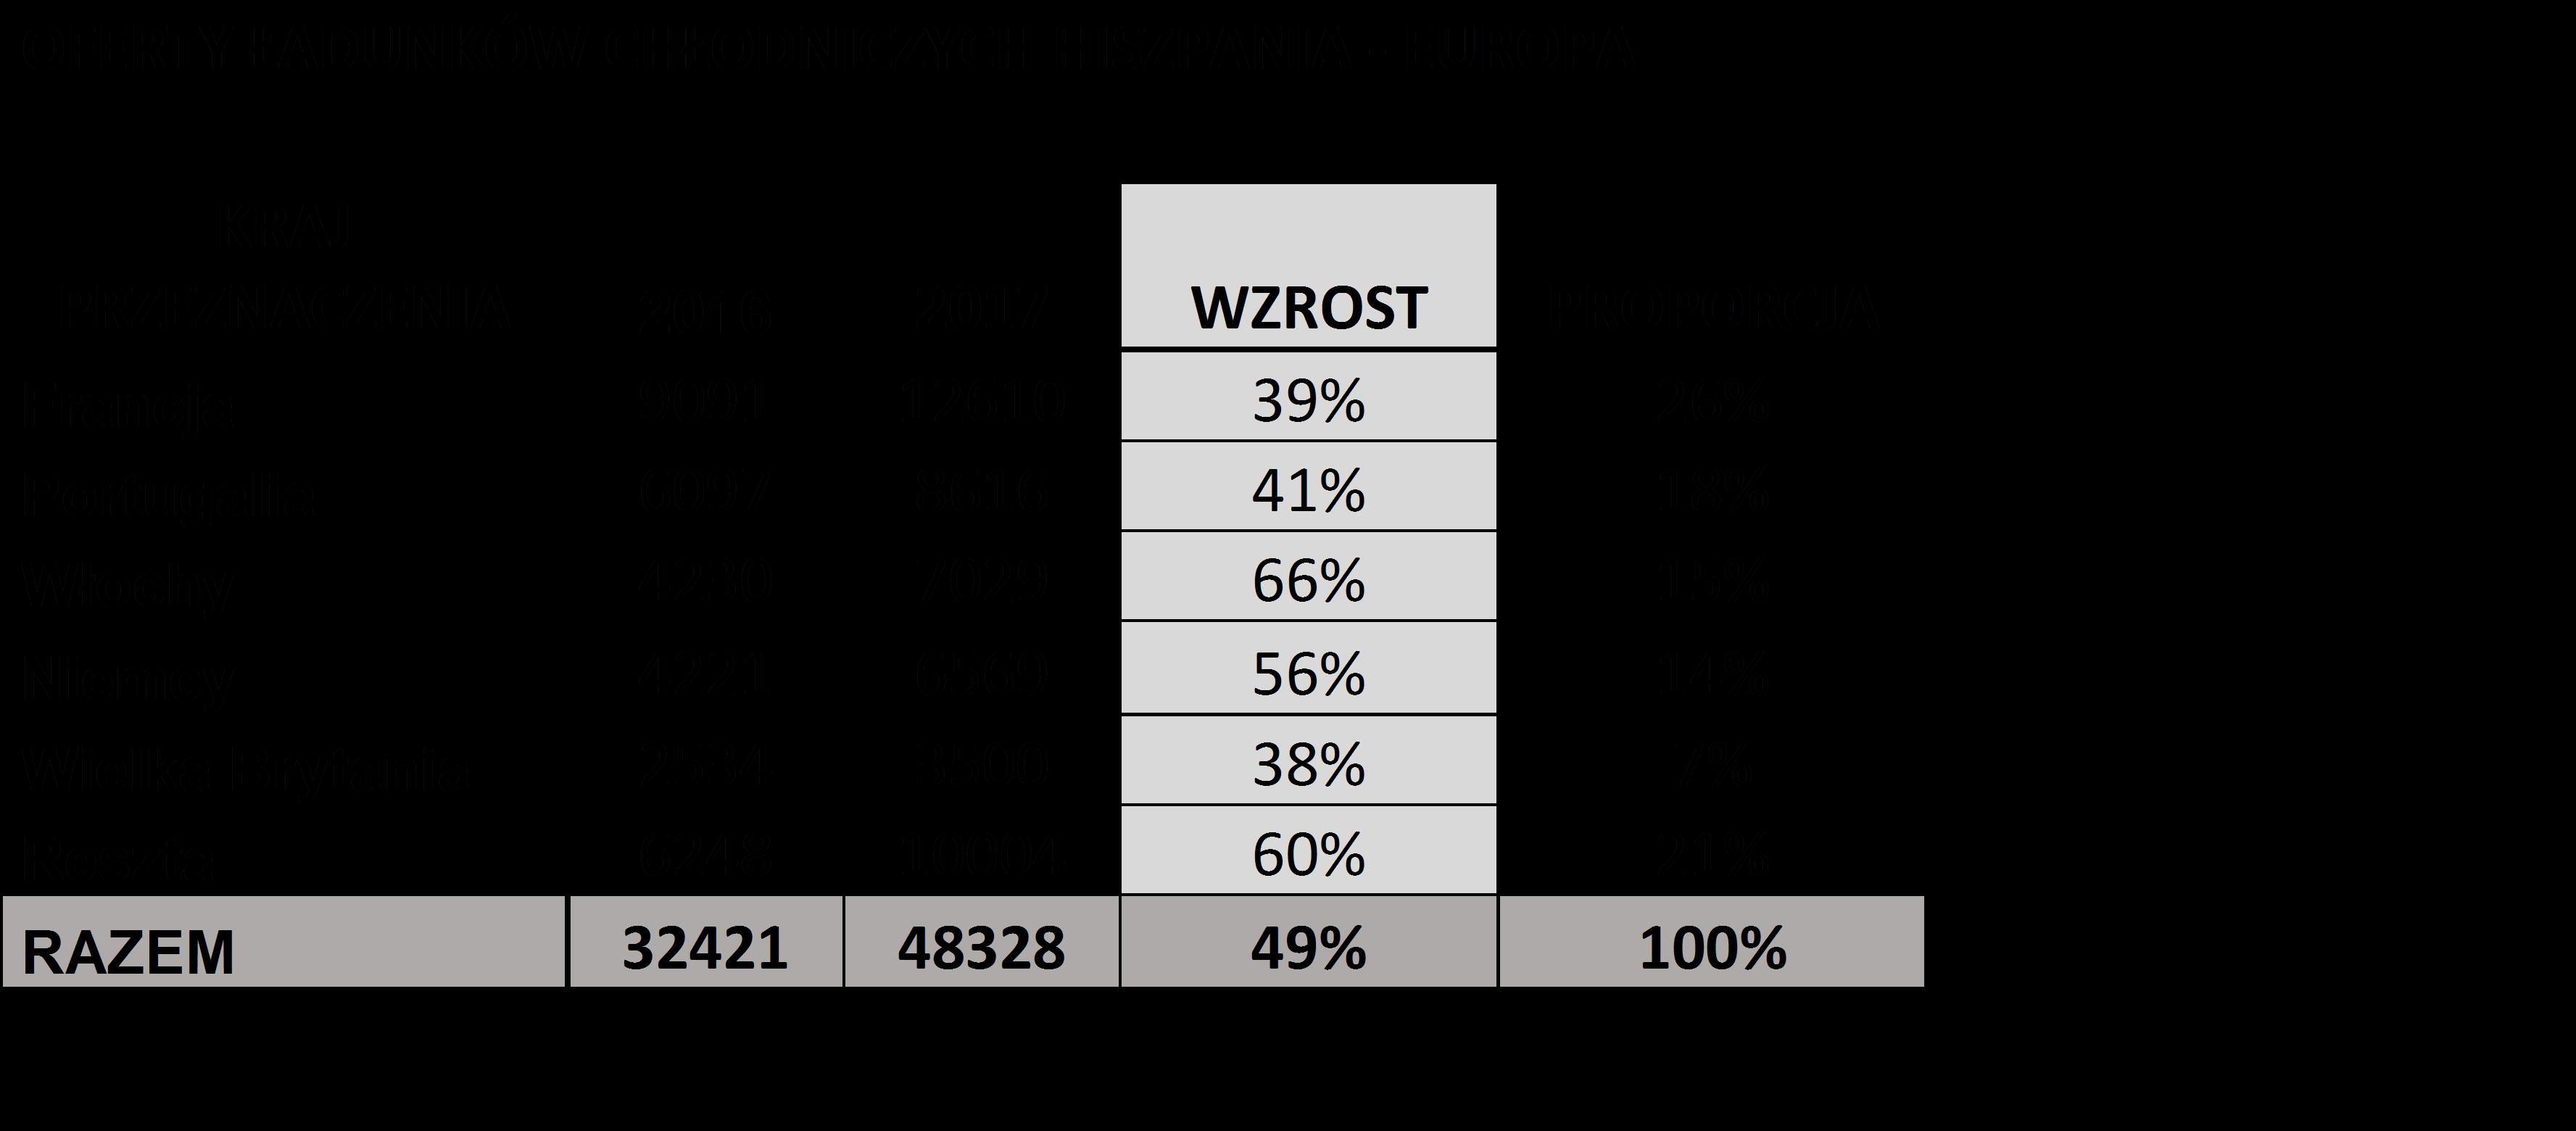 oferty-ladunkow-clodniczych-na-wtransnet-2017-hiszpania-europa.jpg